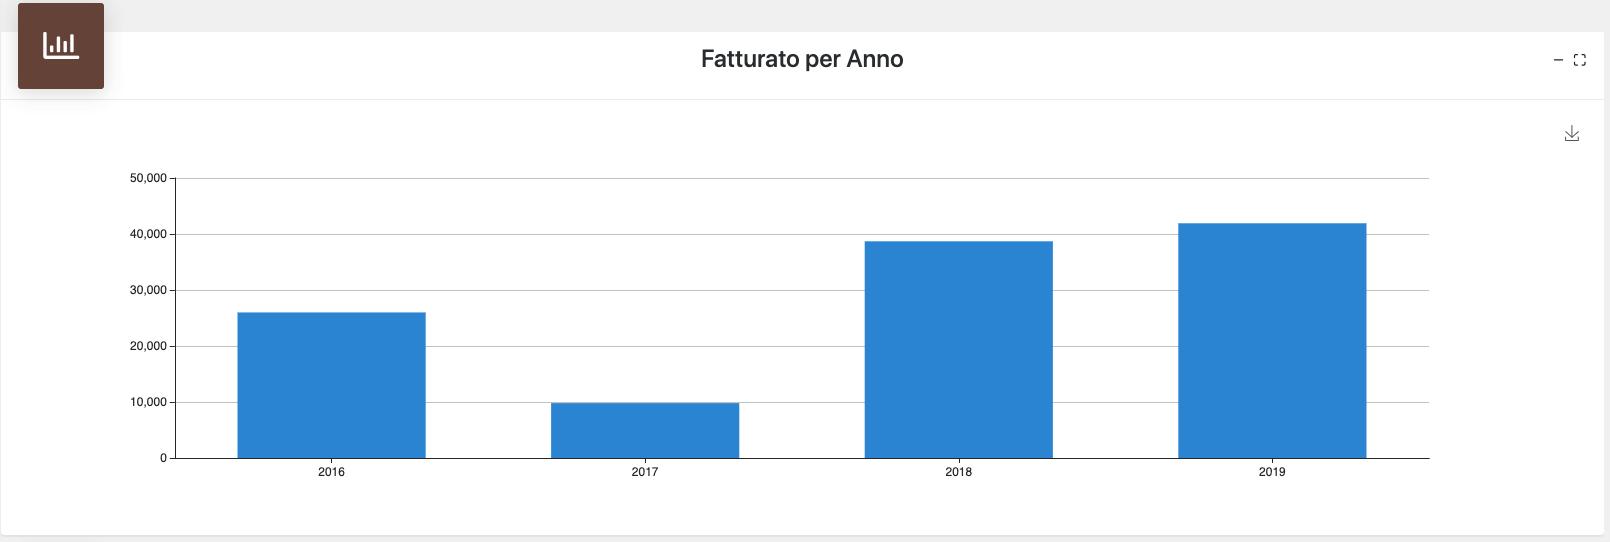 fatturato_per_anno_web_report